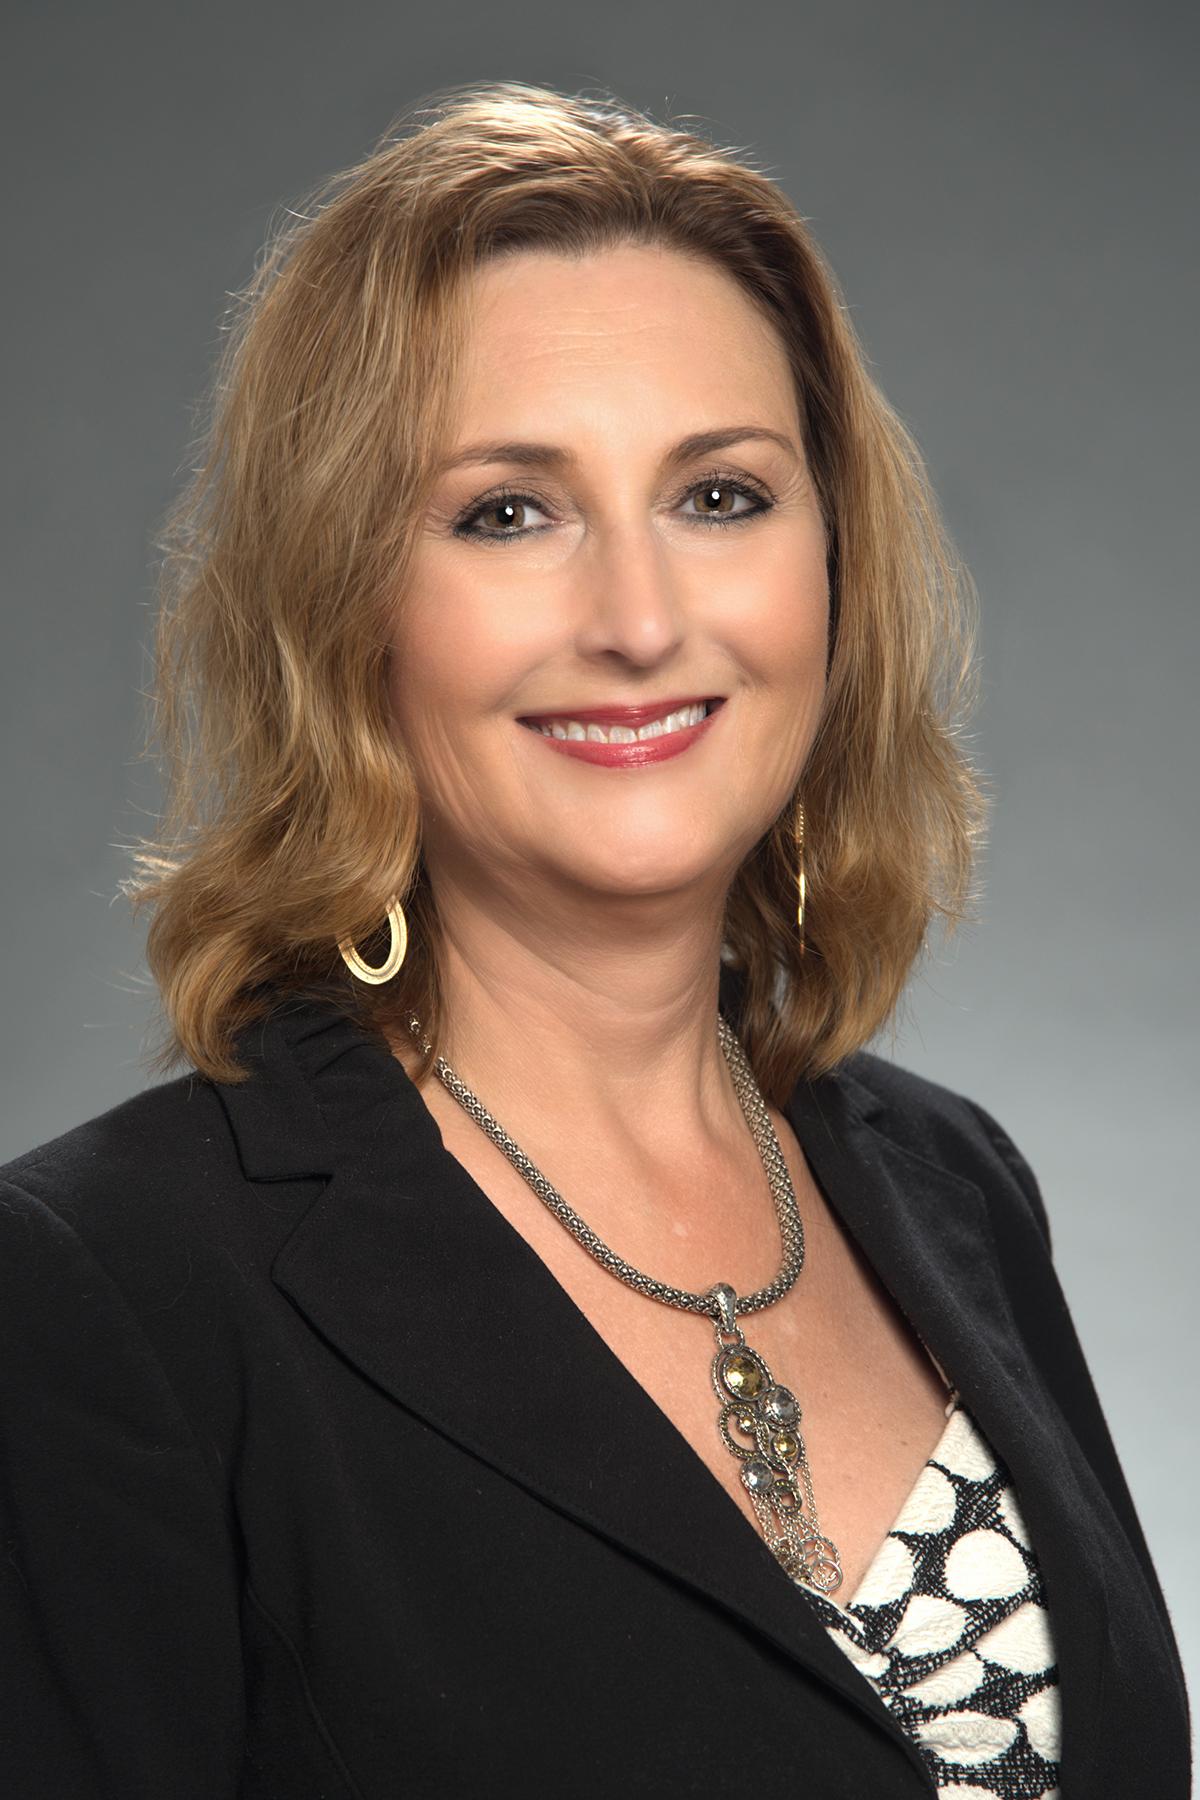 Tanya Cook